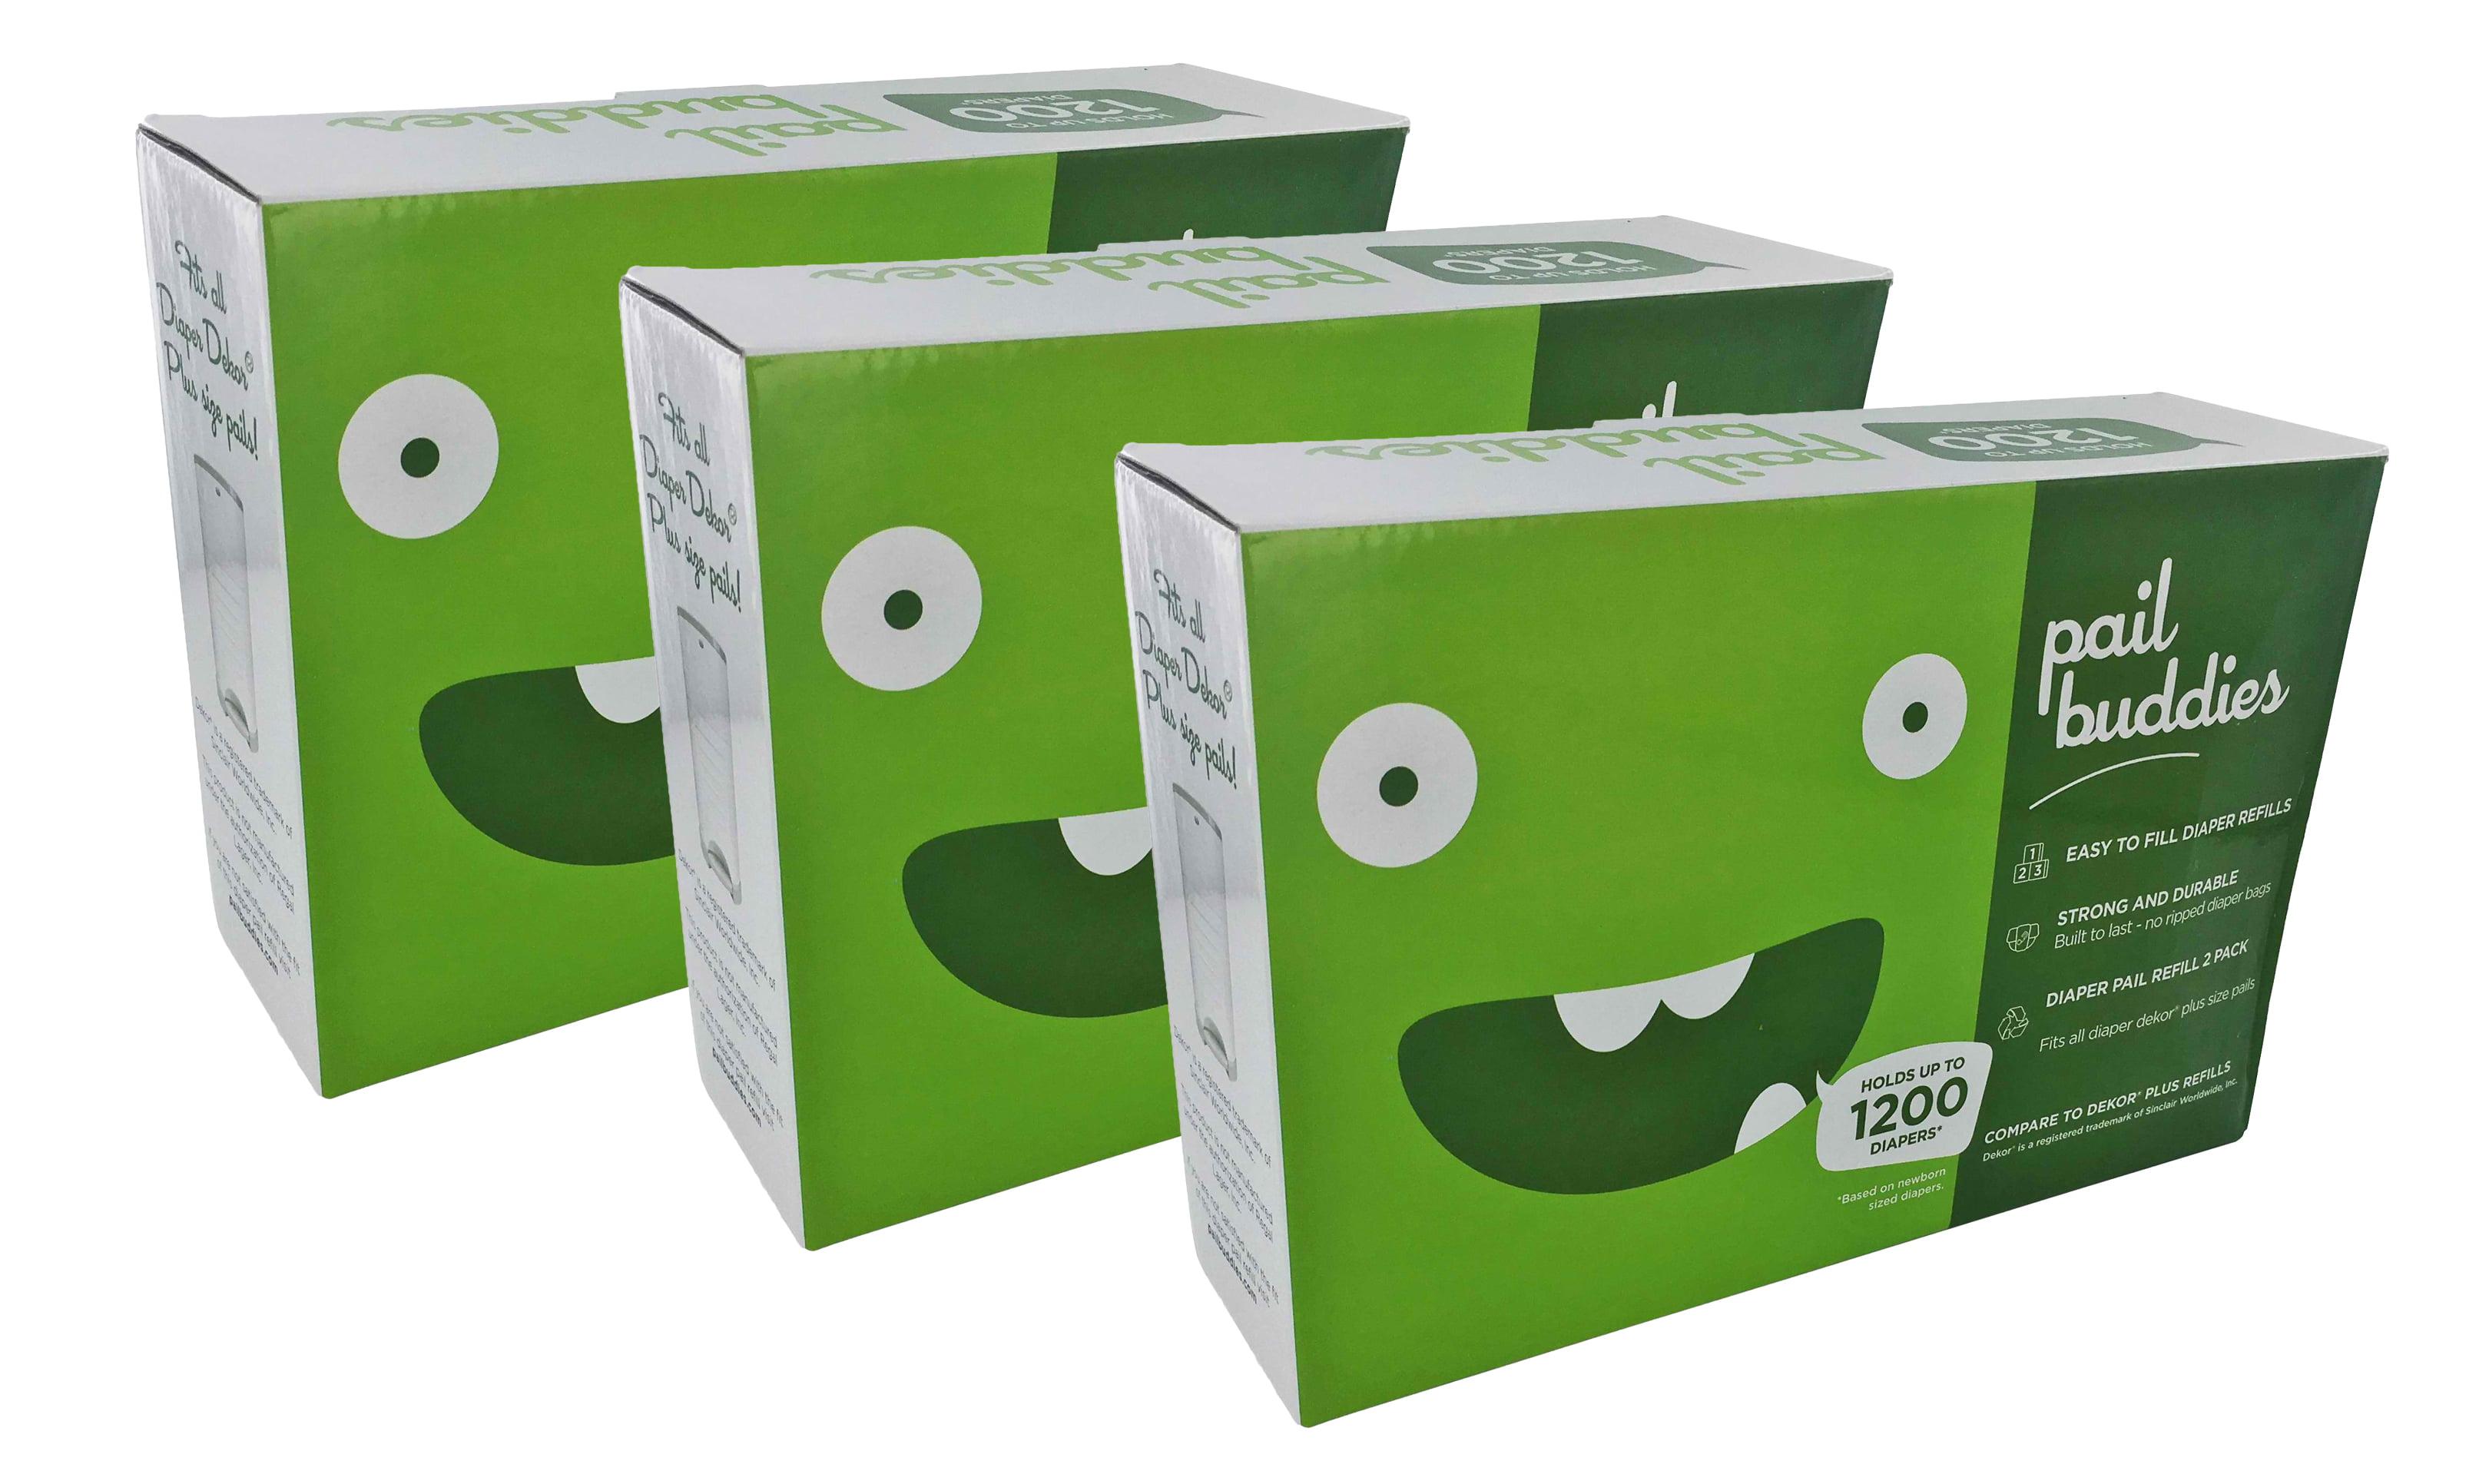 Pail Buddies Diaper Pail Refills For Diaper Dekor Plus Diaper Pails 6 Pack by Pail Buddies